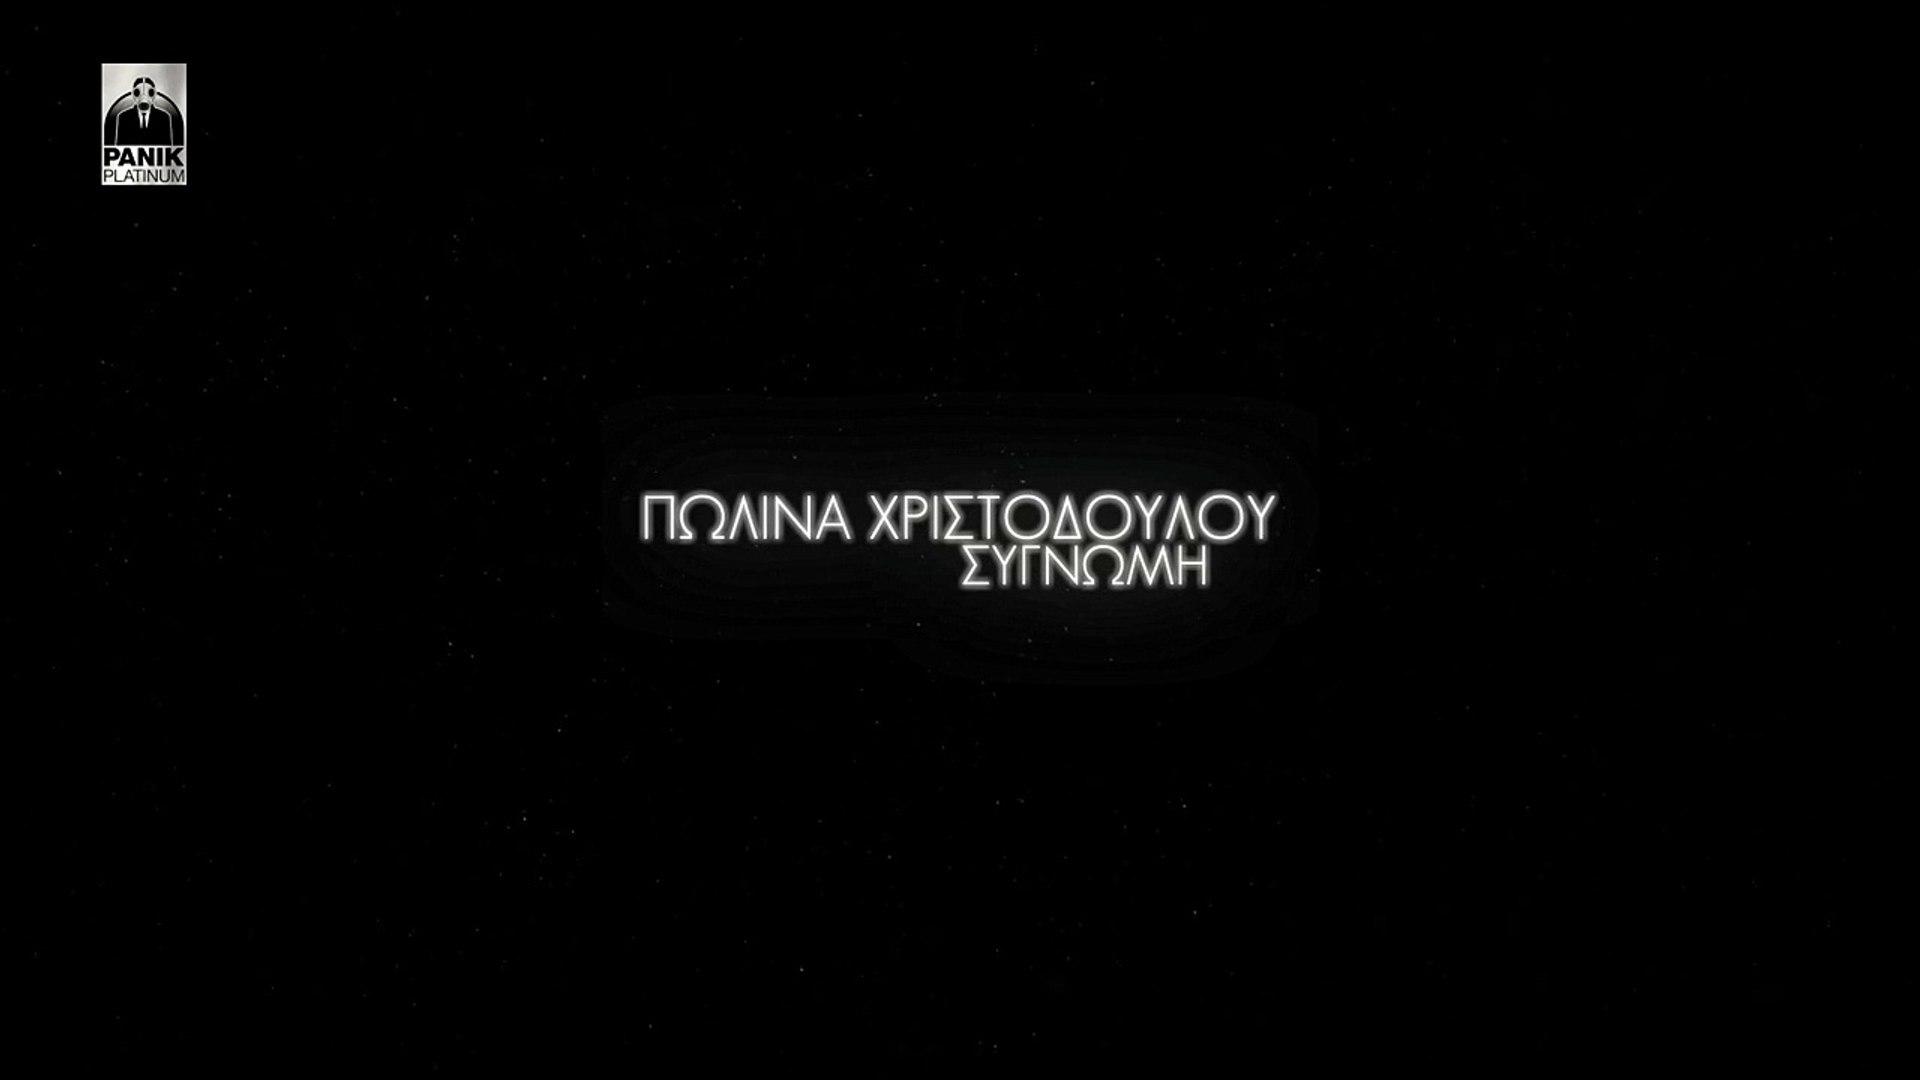 Πωλίνα Χριστοδούλου - Συγνώμη | Polina Christodoulou - Signomi - Official Lyric Video HQ